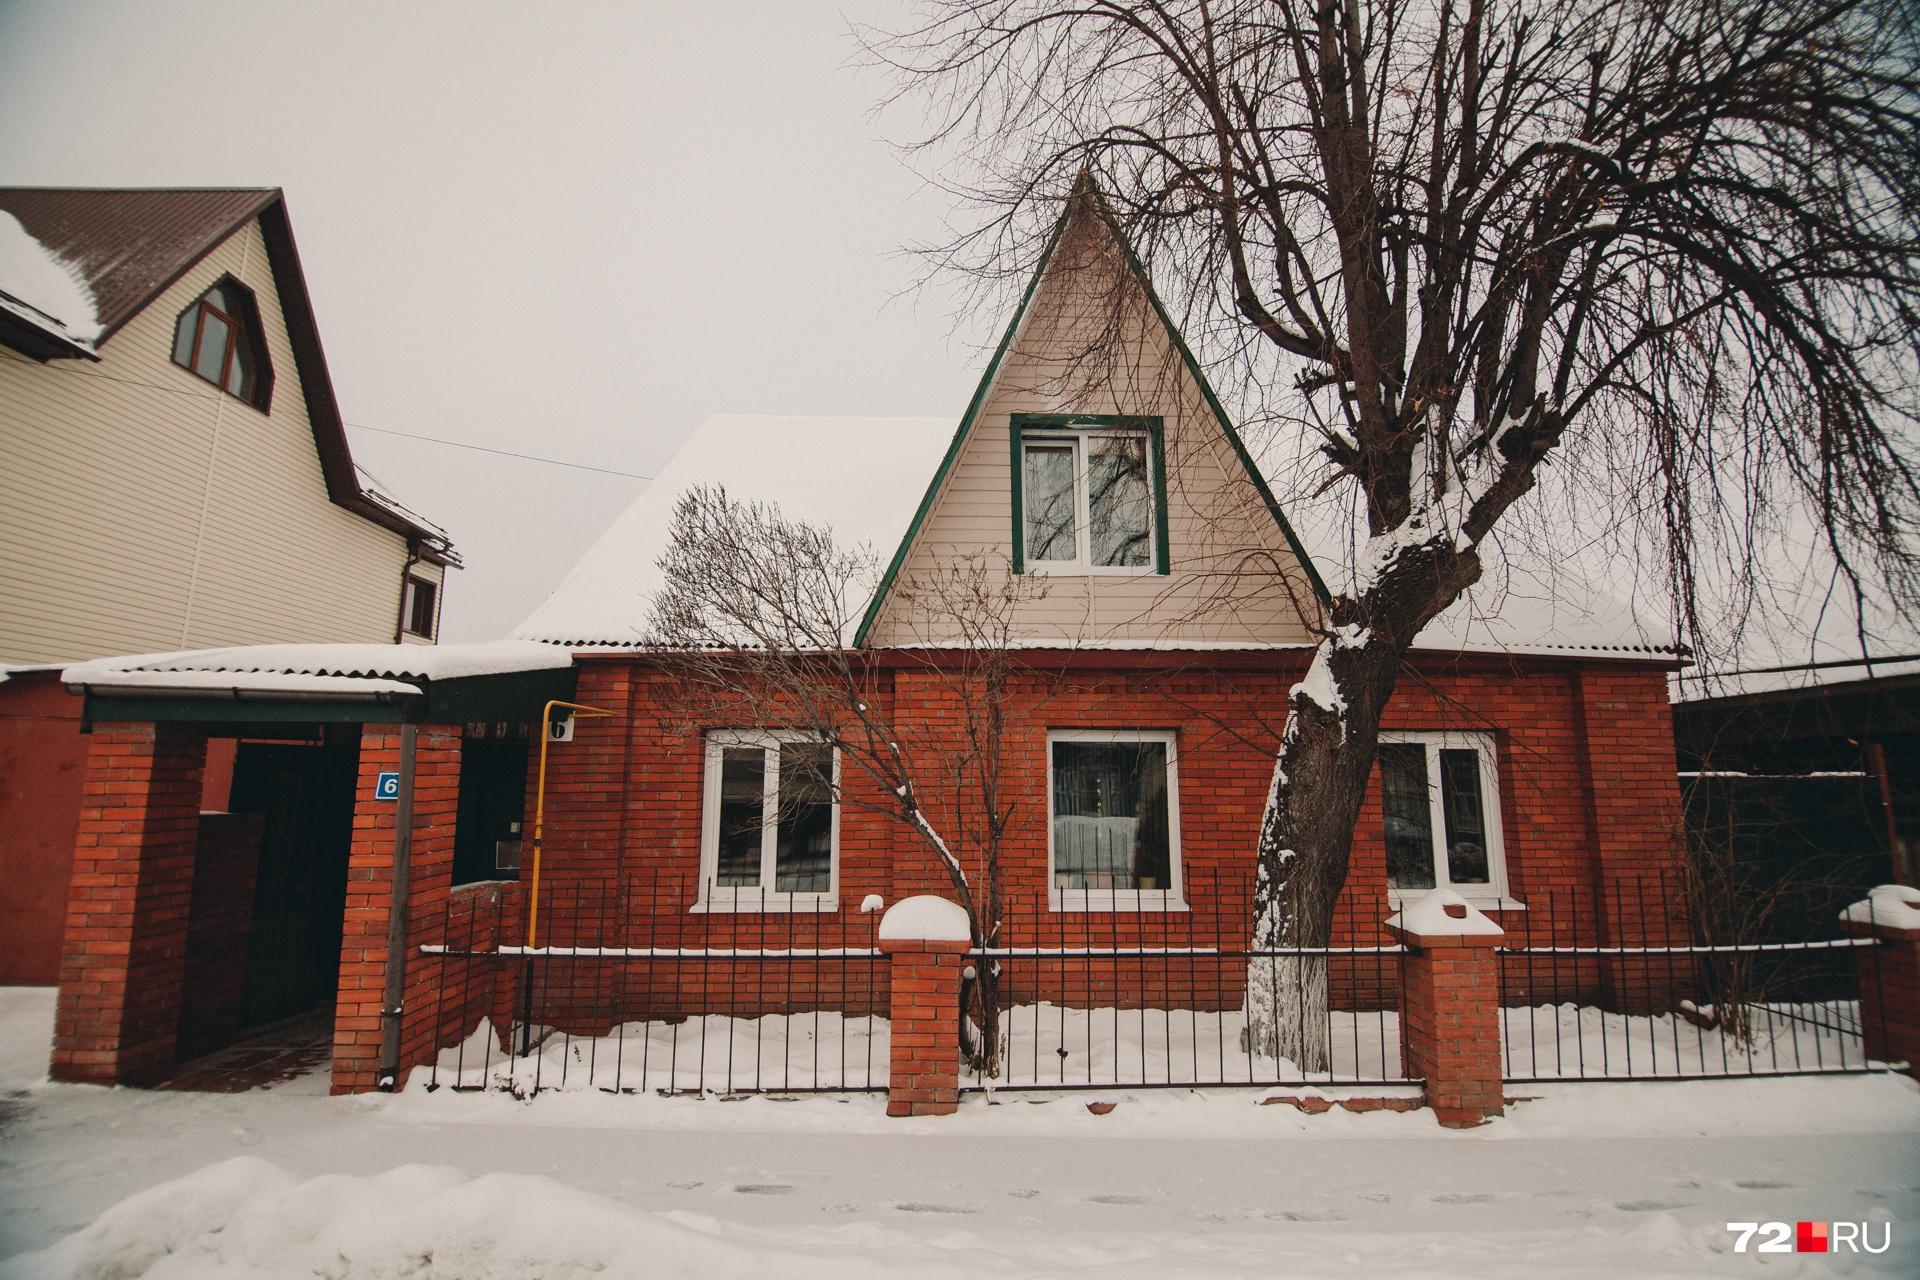 Так этот дом выглядит с улицы. Со стороны и не скажешь, что здесь работает благотворительная организация